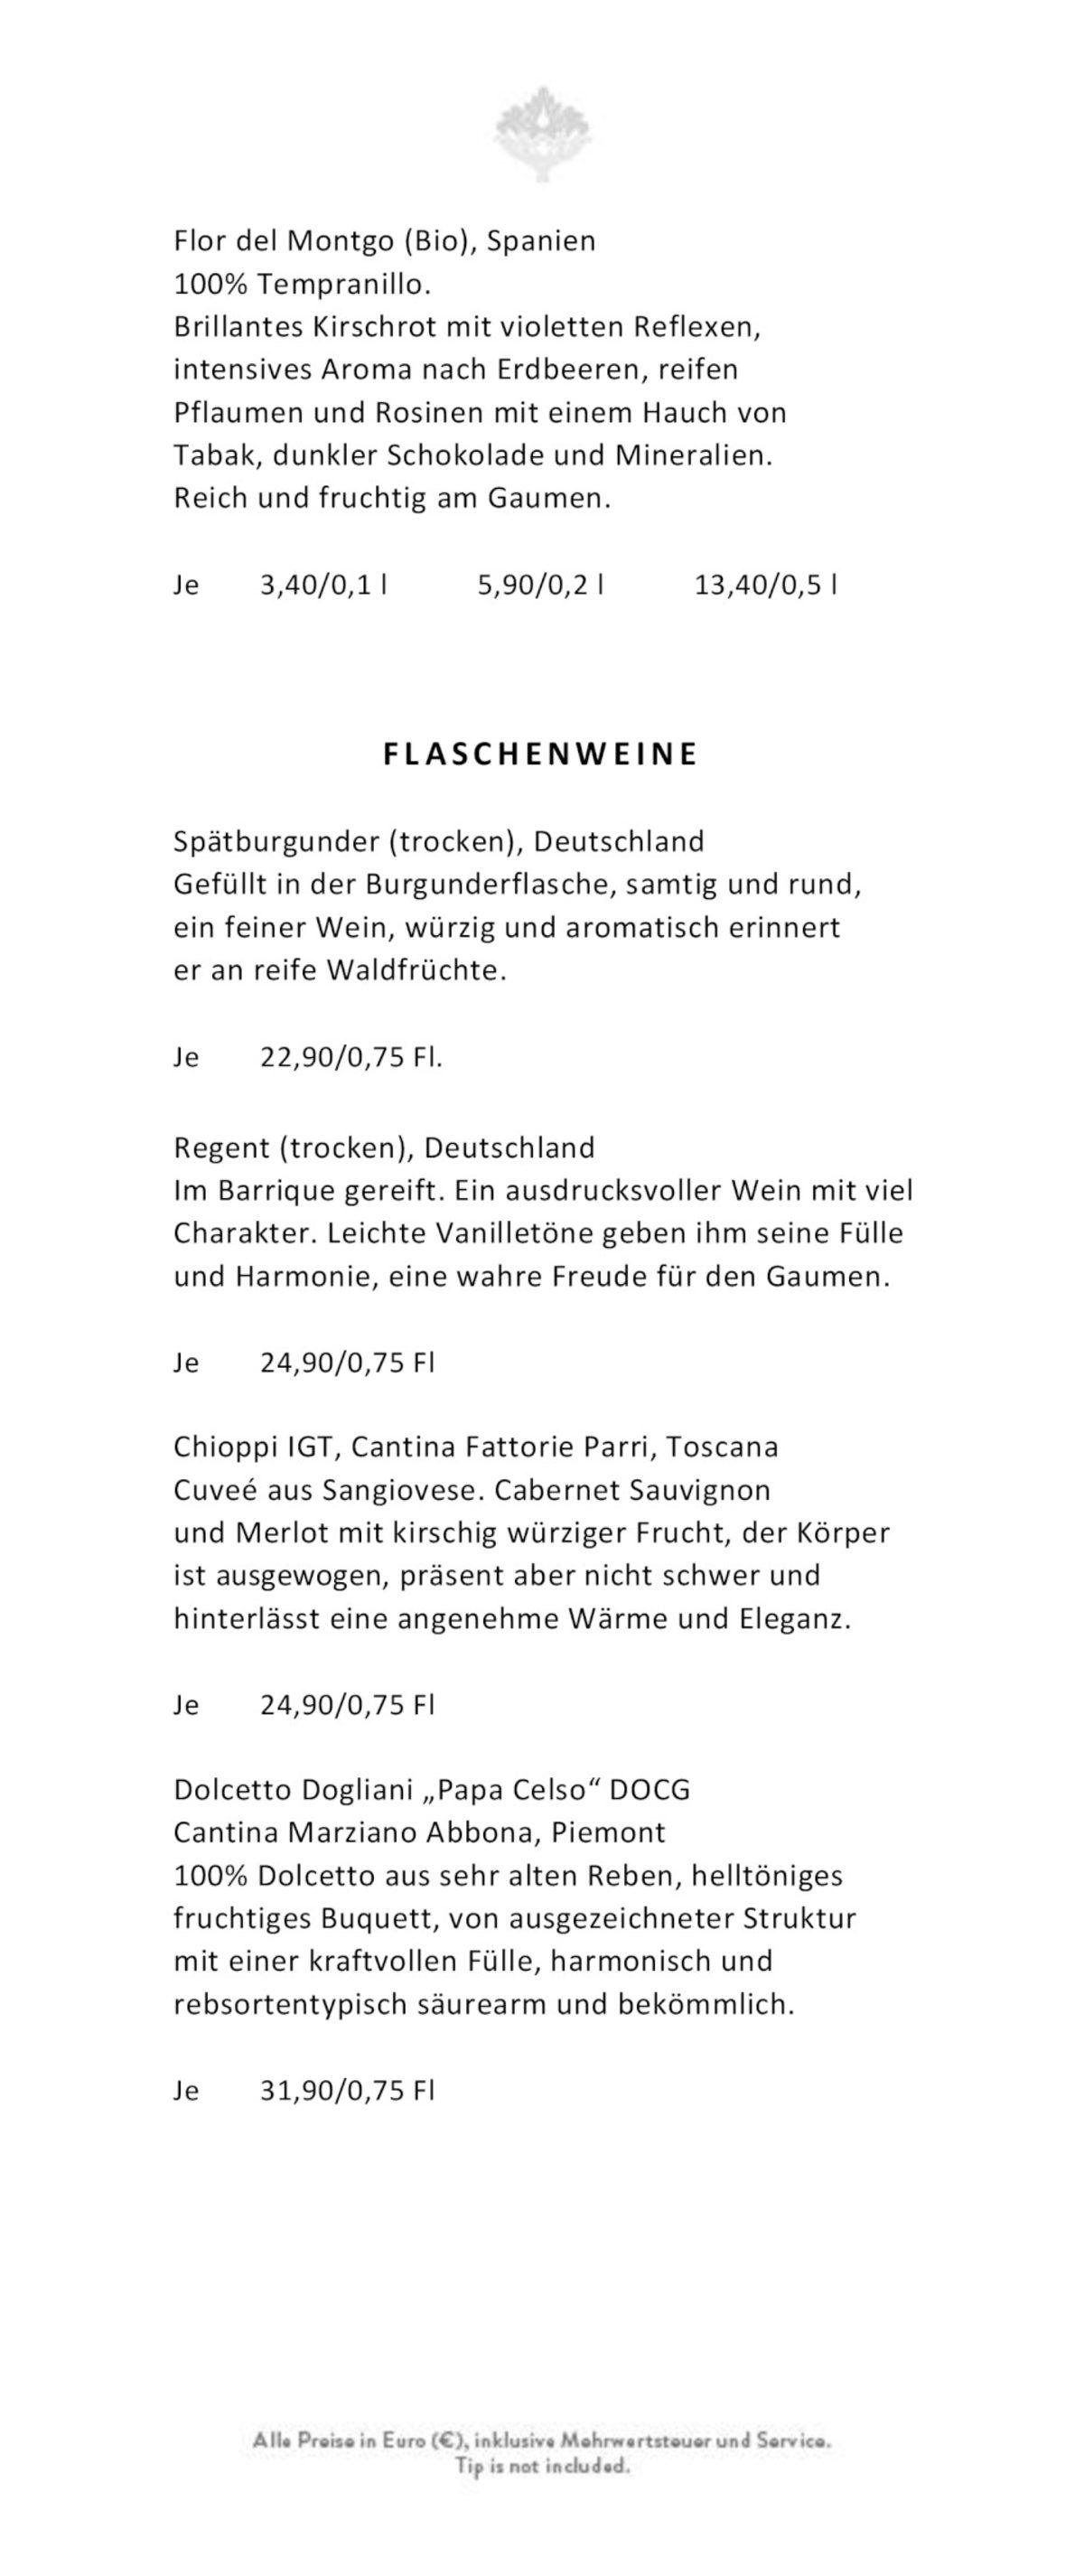 Groß China Küche New Braunfels Menü Ideen - Küche Set Ideen ...